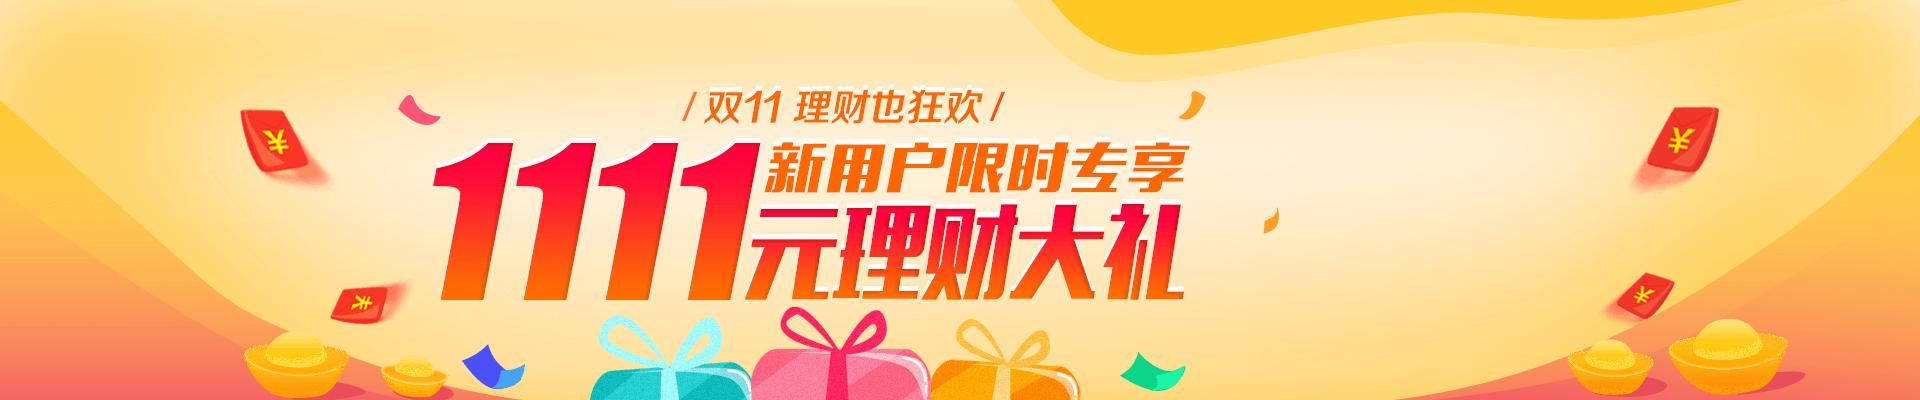 【新手福利】注册送1111元礼包